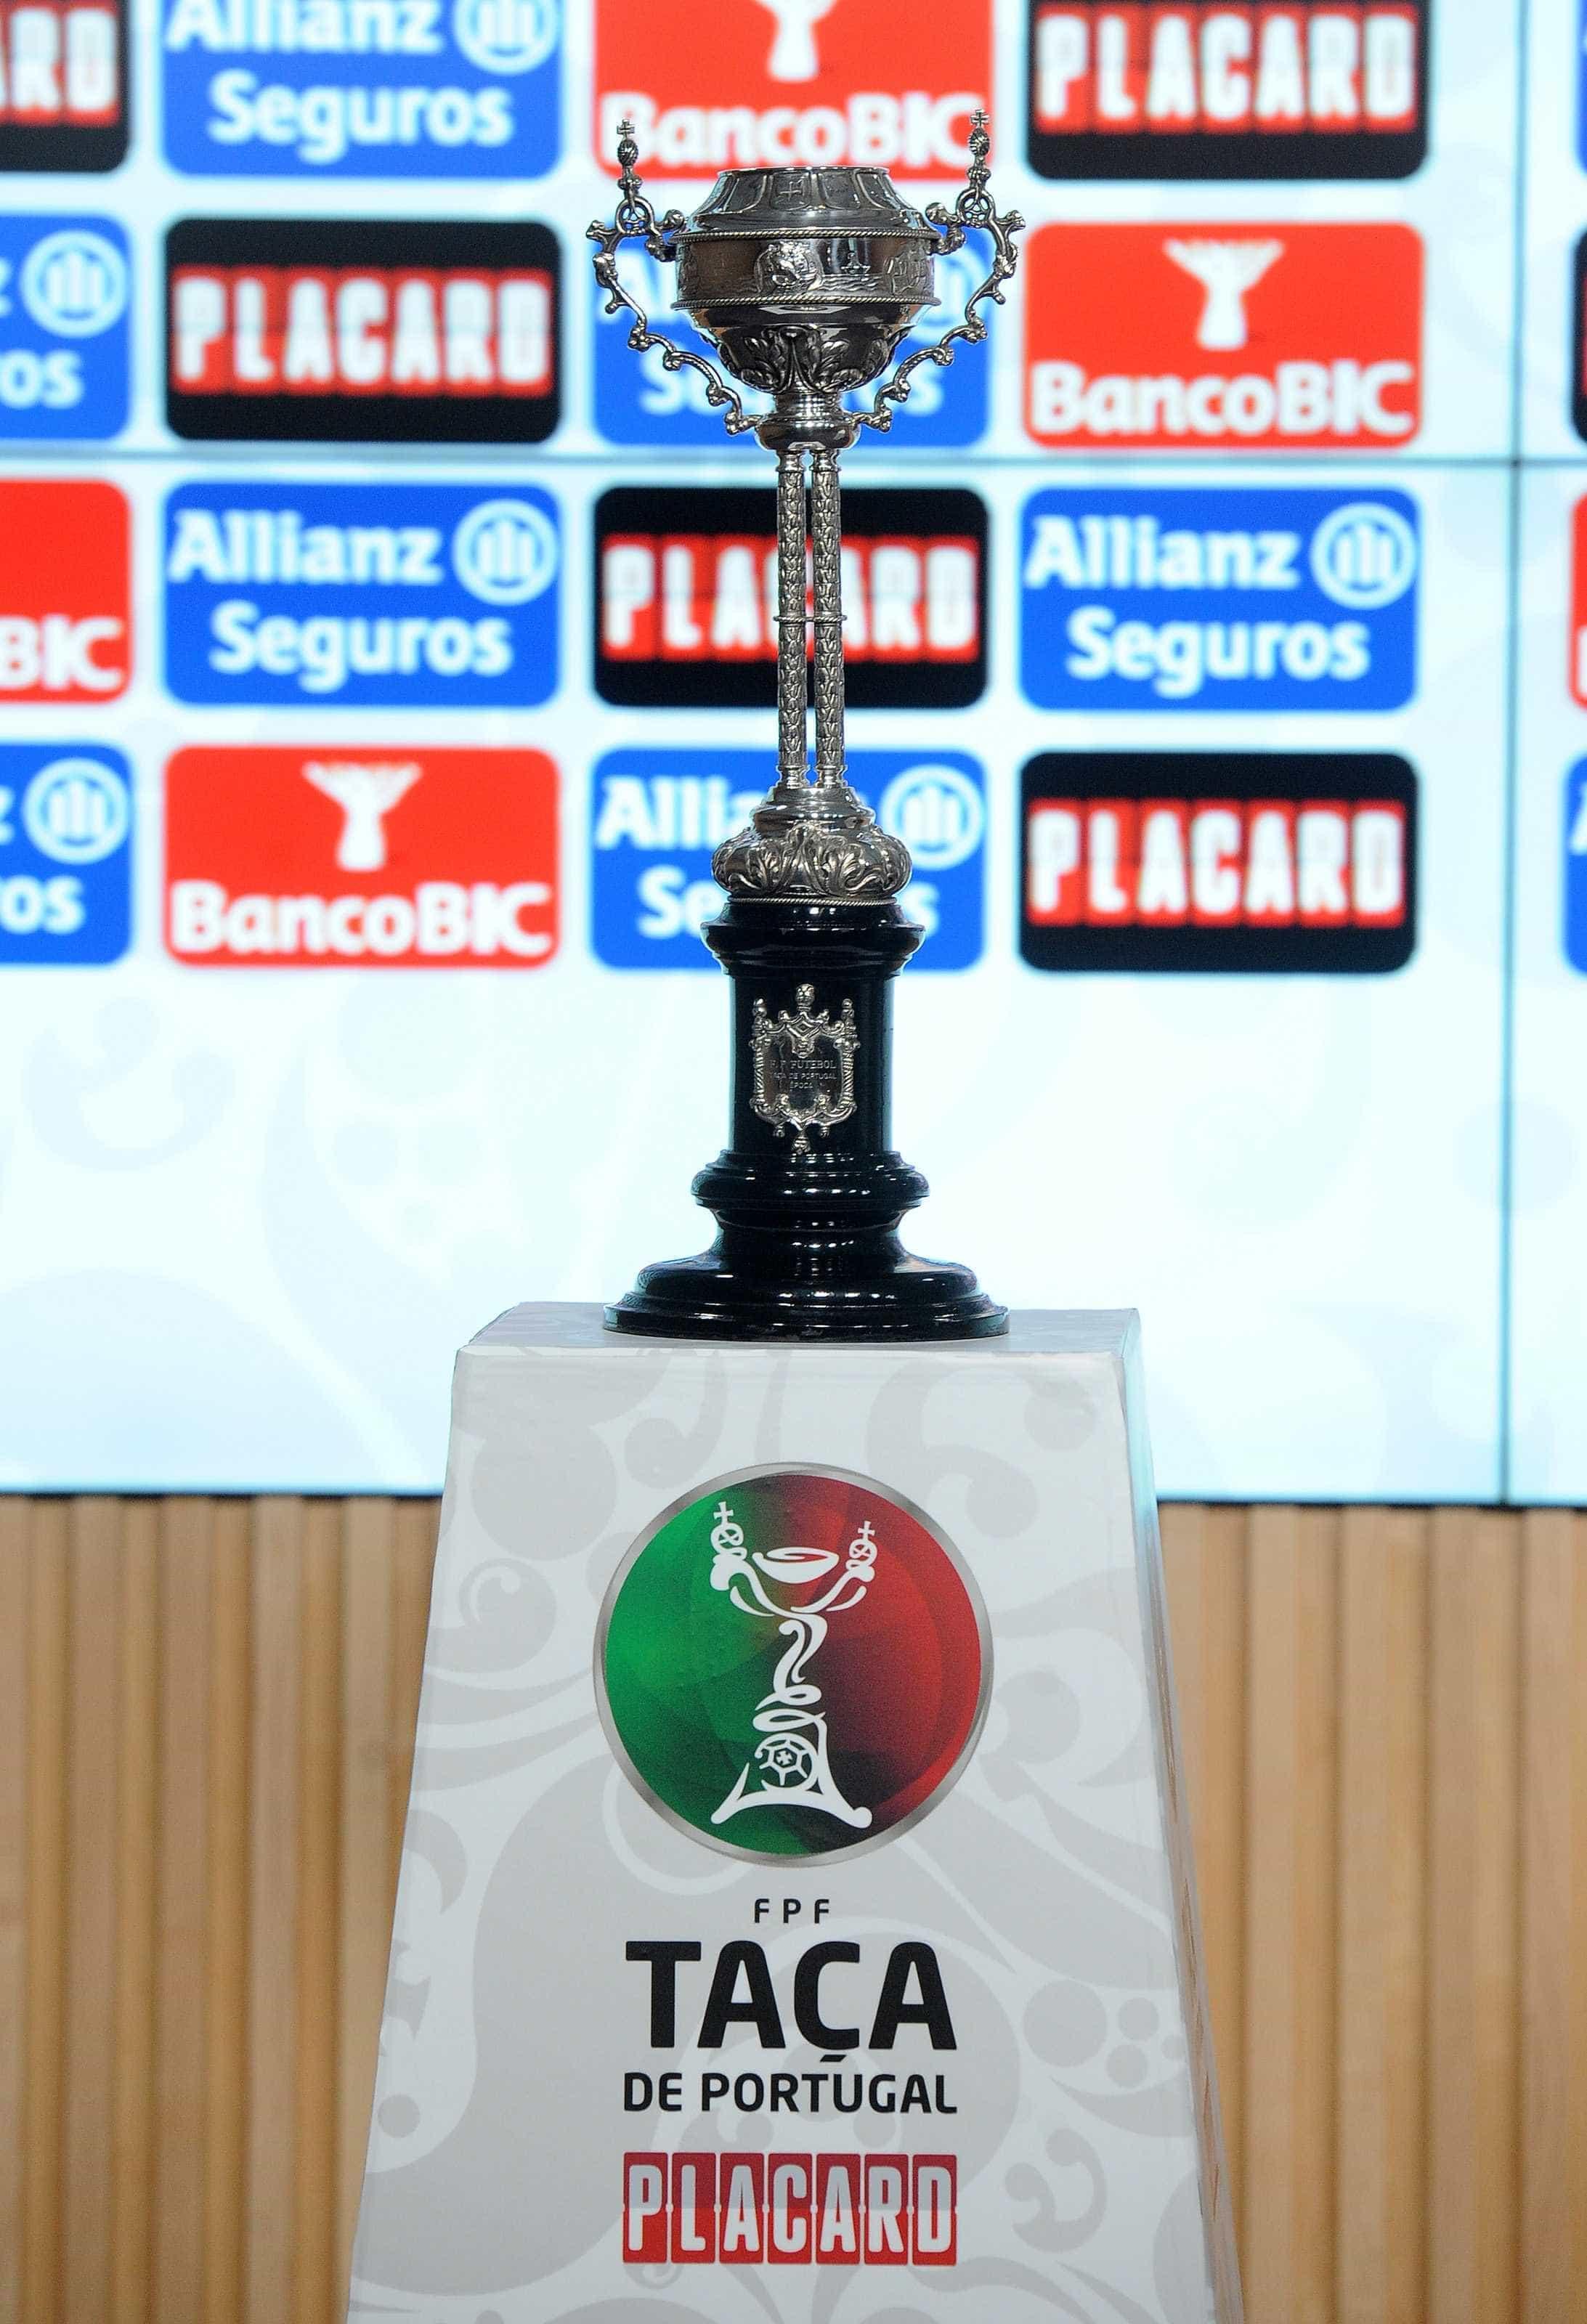 FPF estudou possibilidade de adiar final da Taça de Portugal